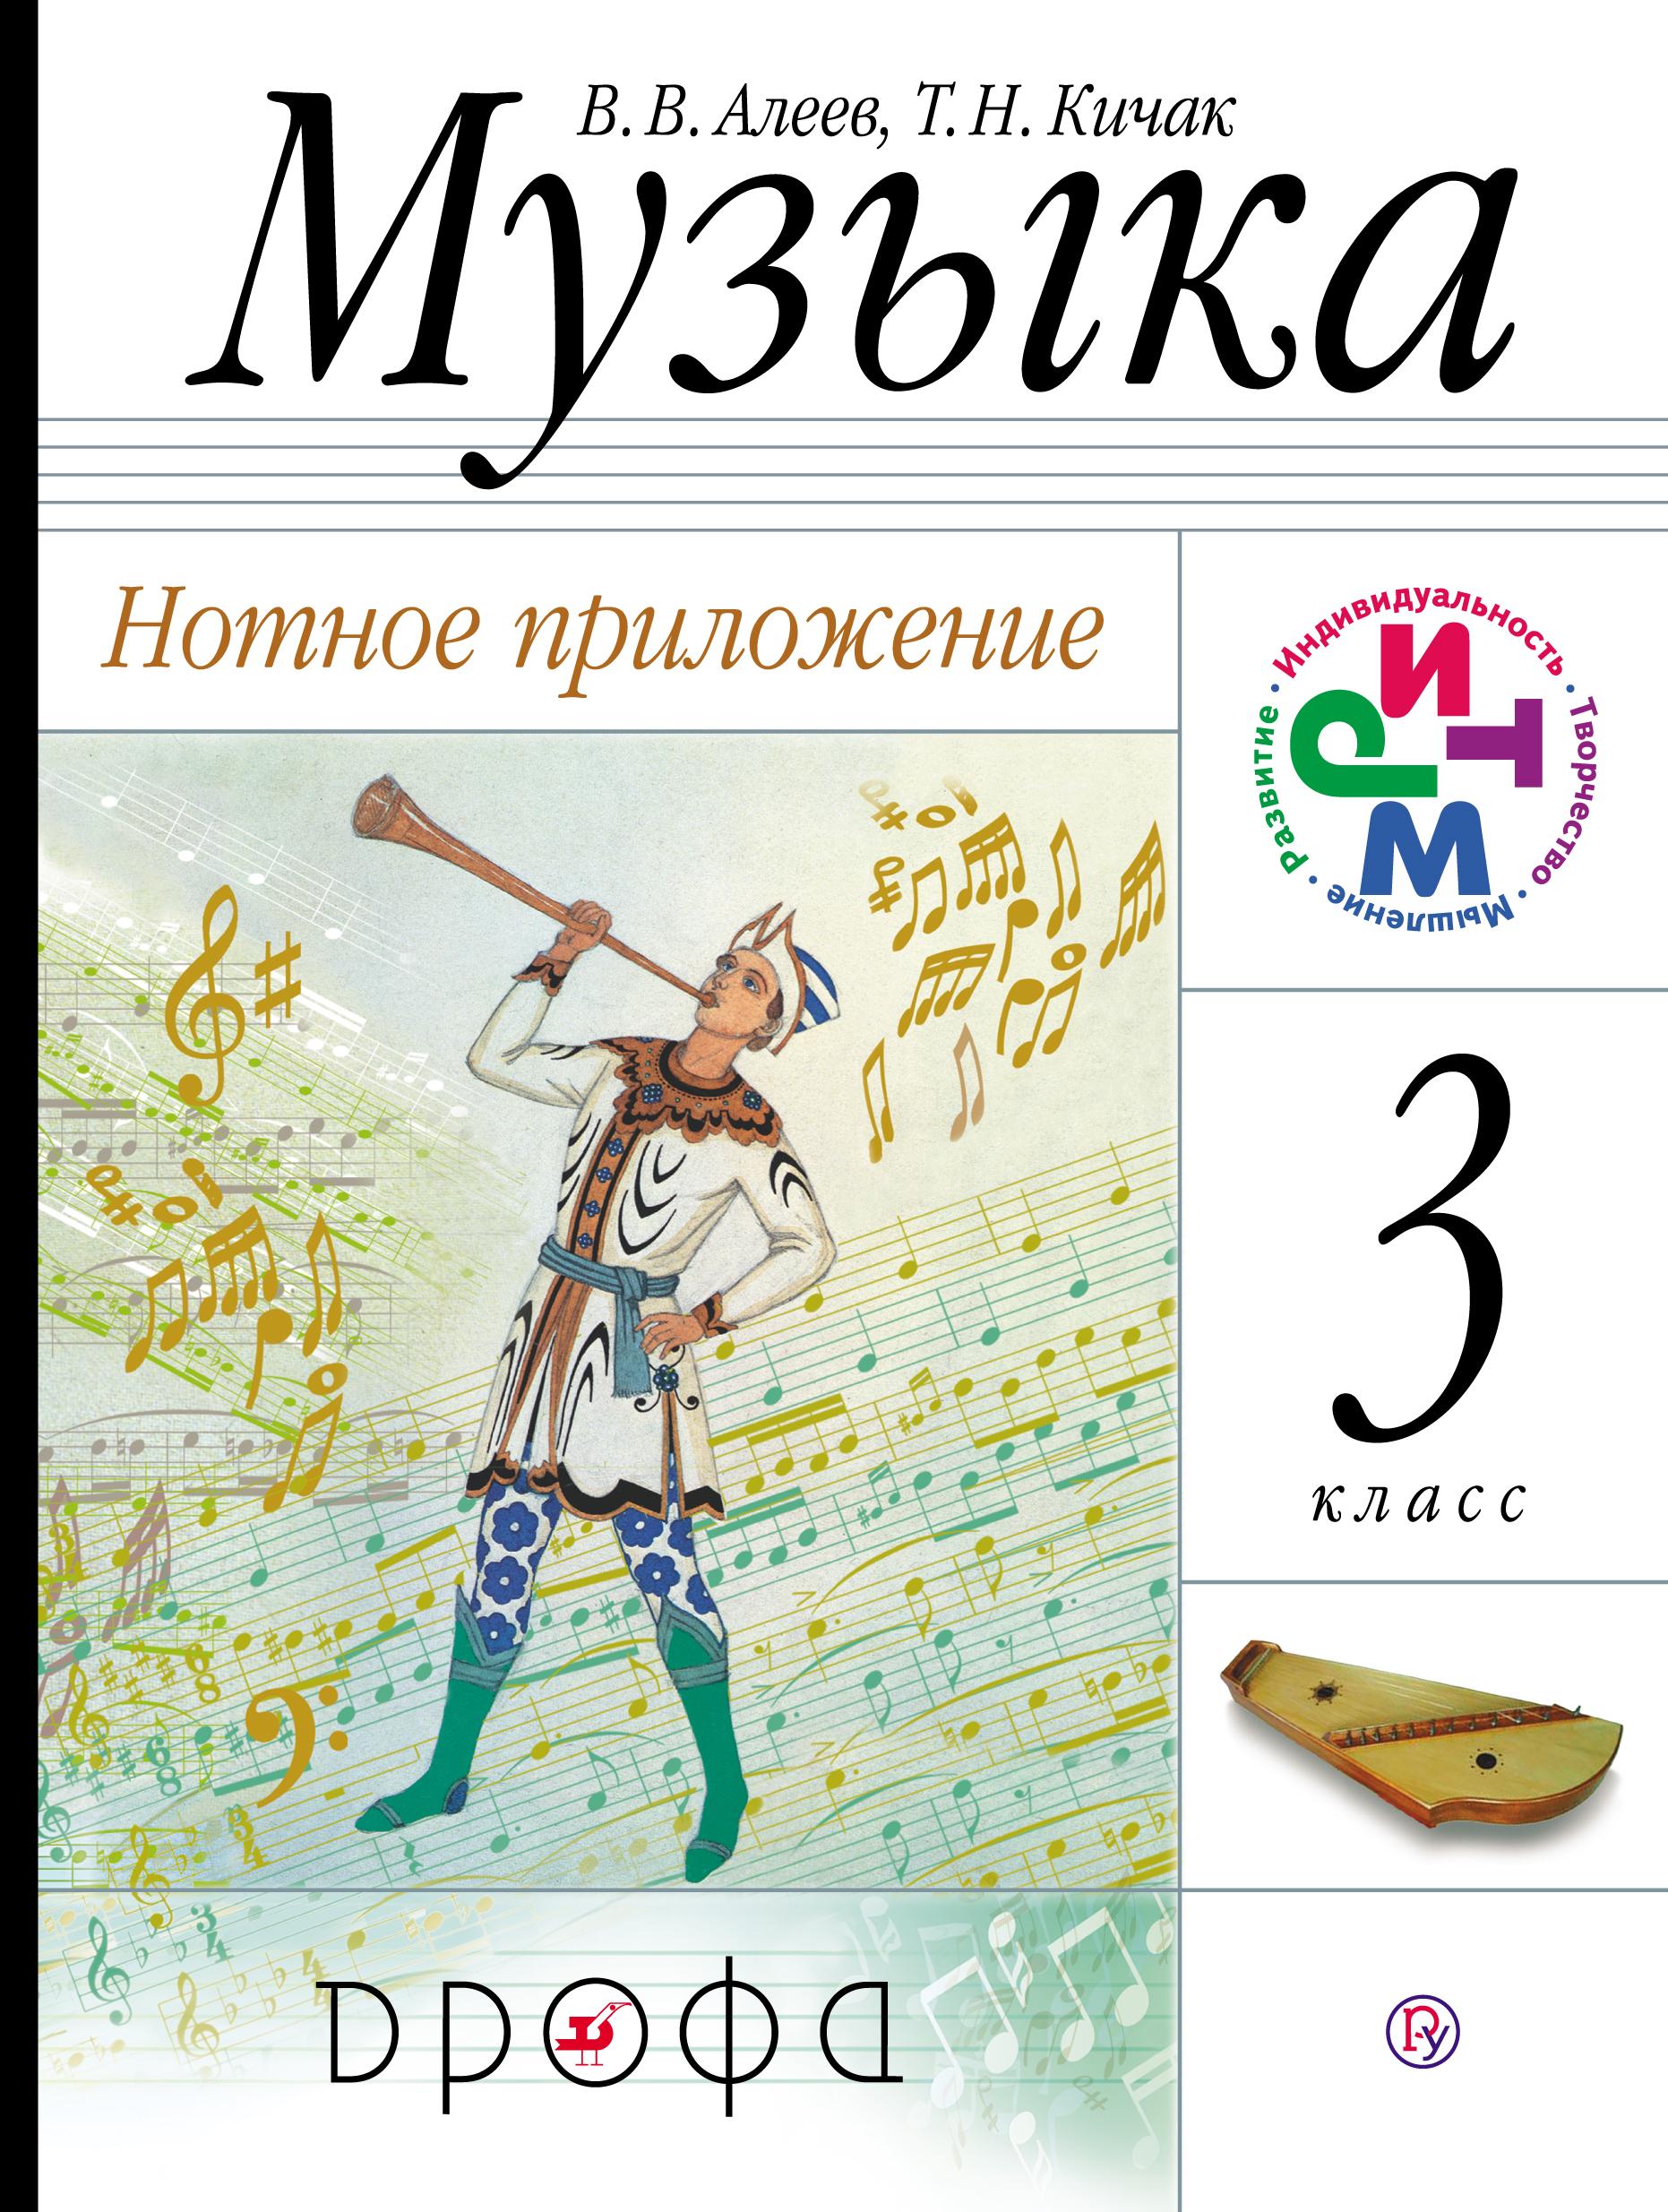 Алеев В.В., Кичак Т.Н. Музыка. 3 класс. Нотное приложение. приложение к батлфилд 3 где